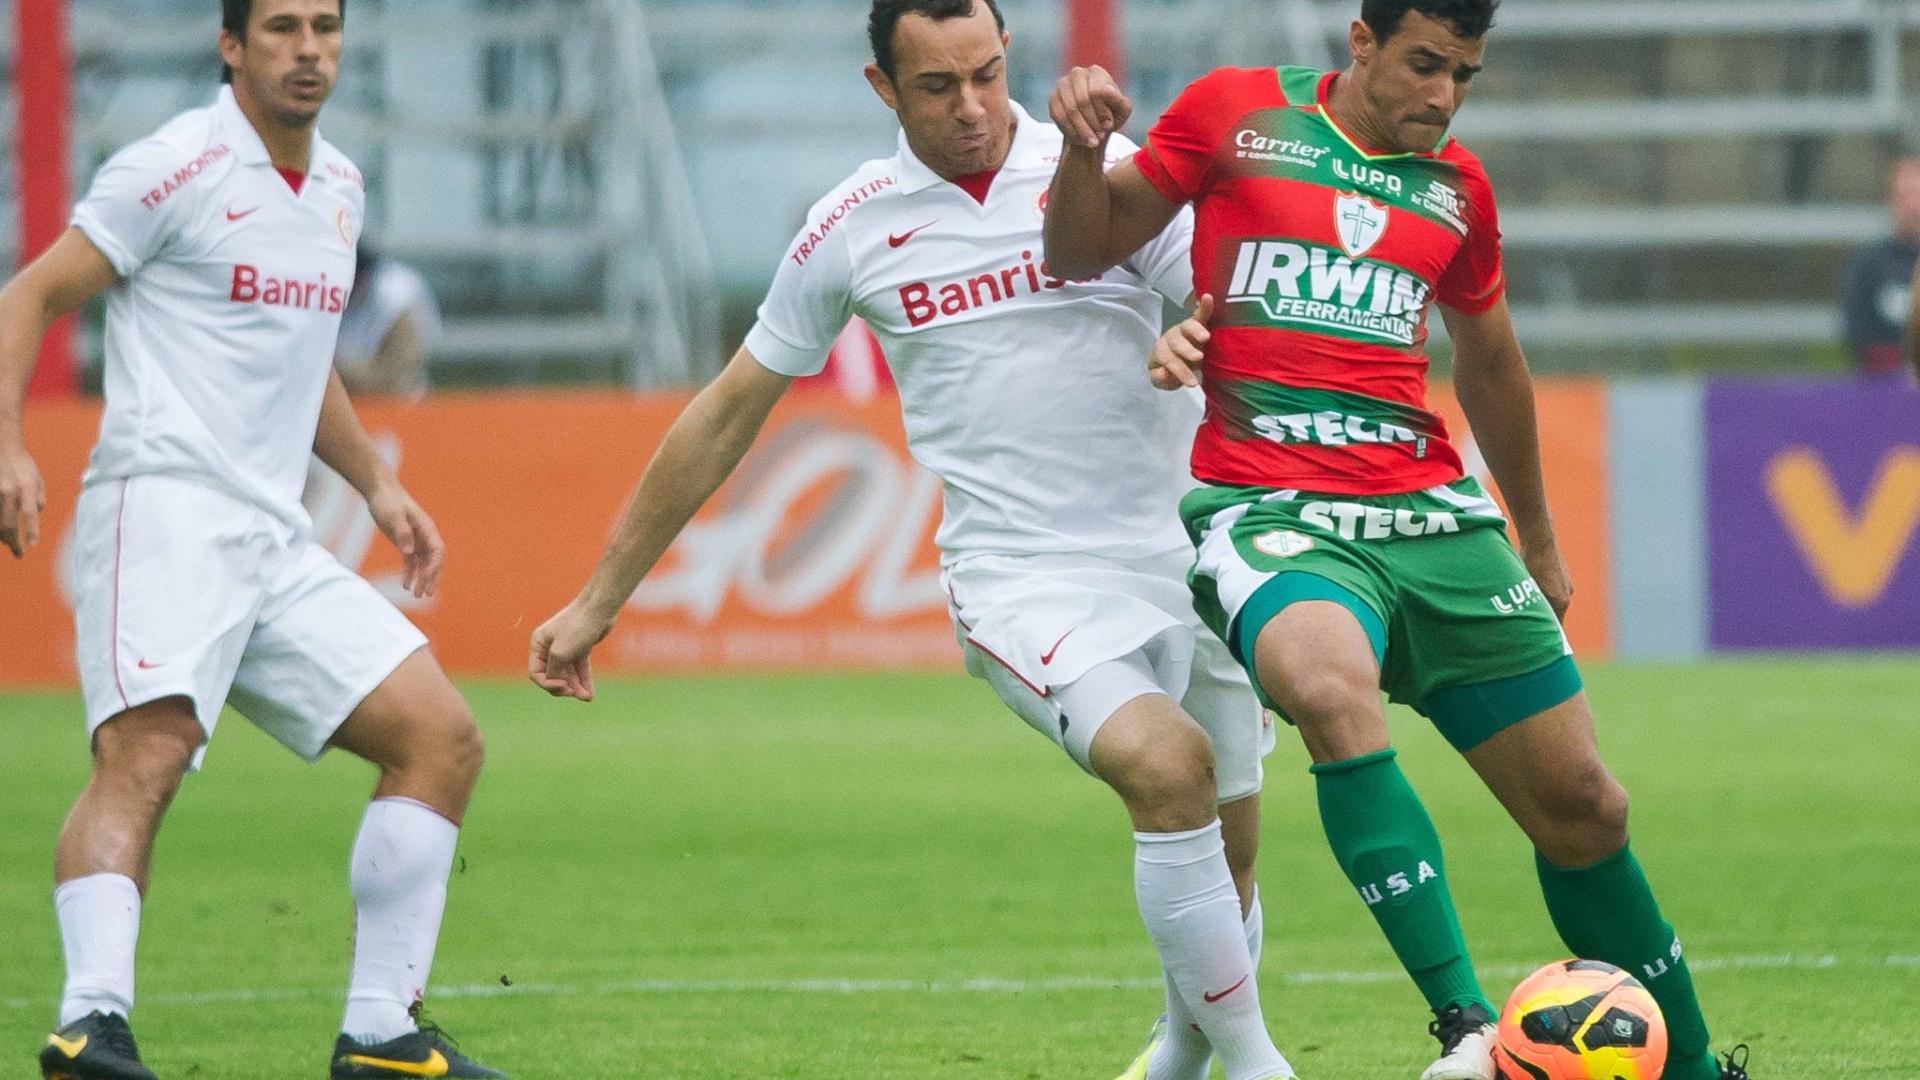 Volante Josimar tenta desarme no jogo Inter x Portuguesa, válido pela 23ª rodada do Brasileirão (22/09/13)